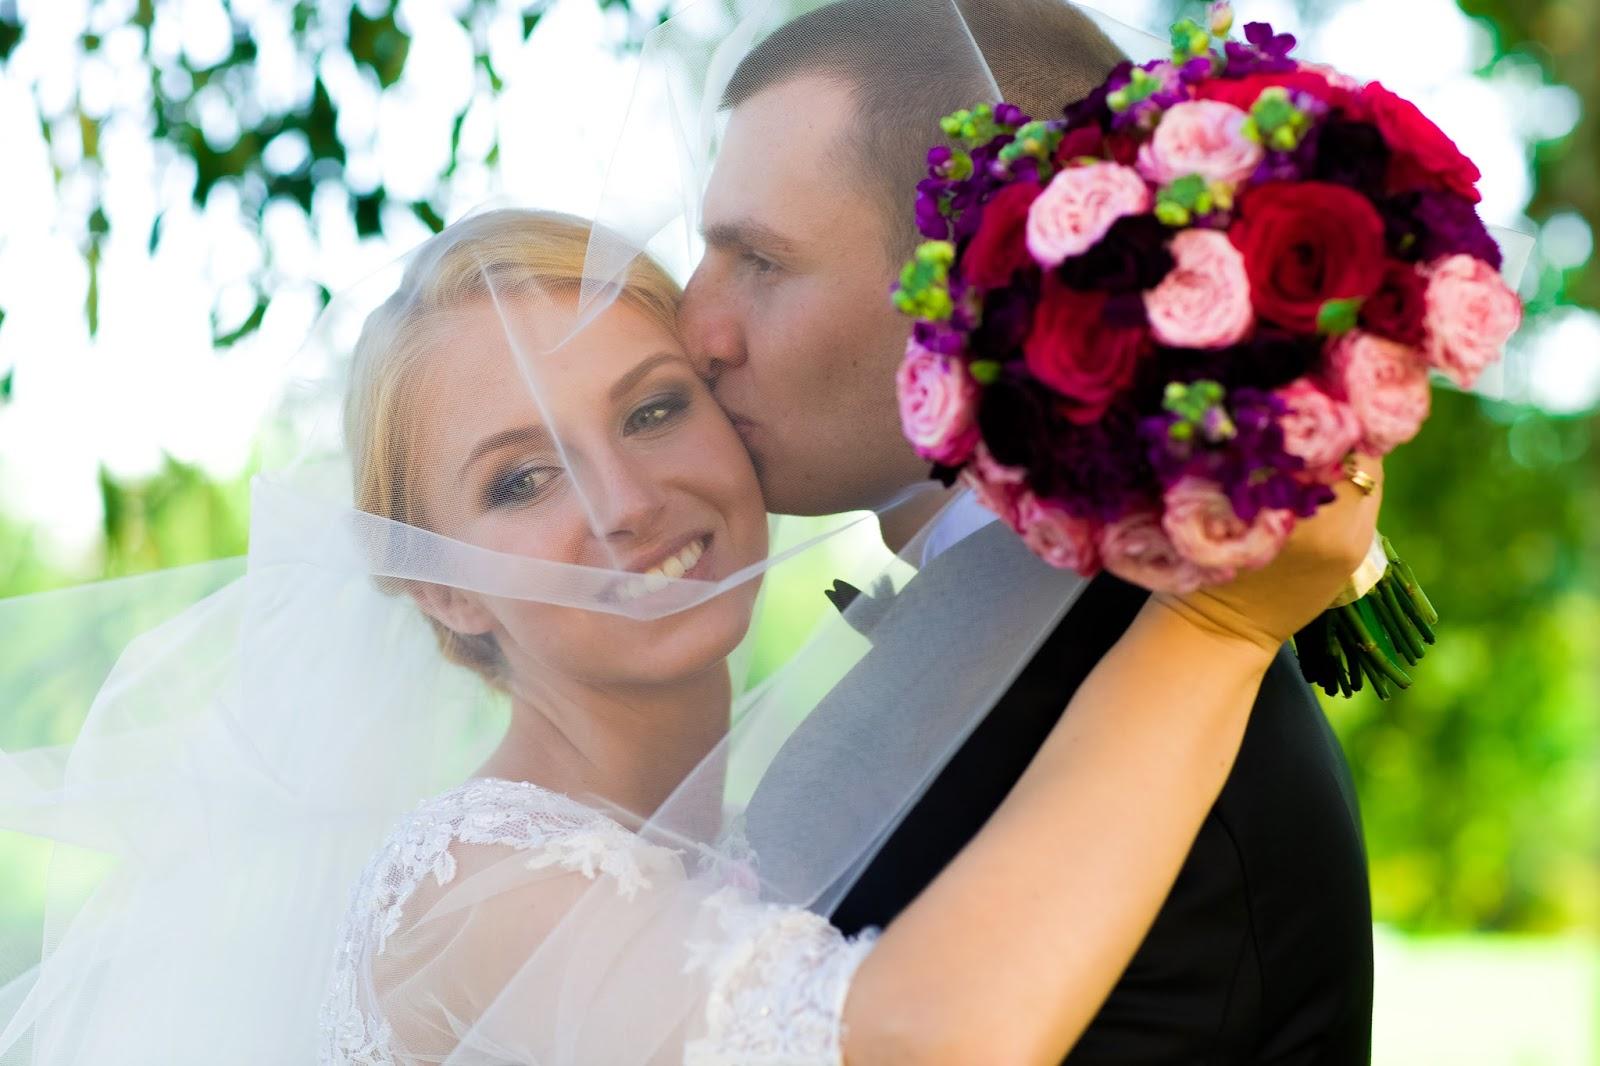 нежный объятия жениха и счастливая невеста